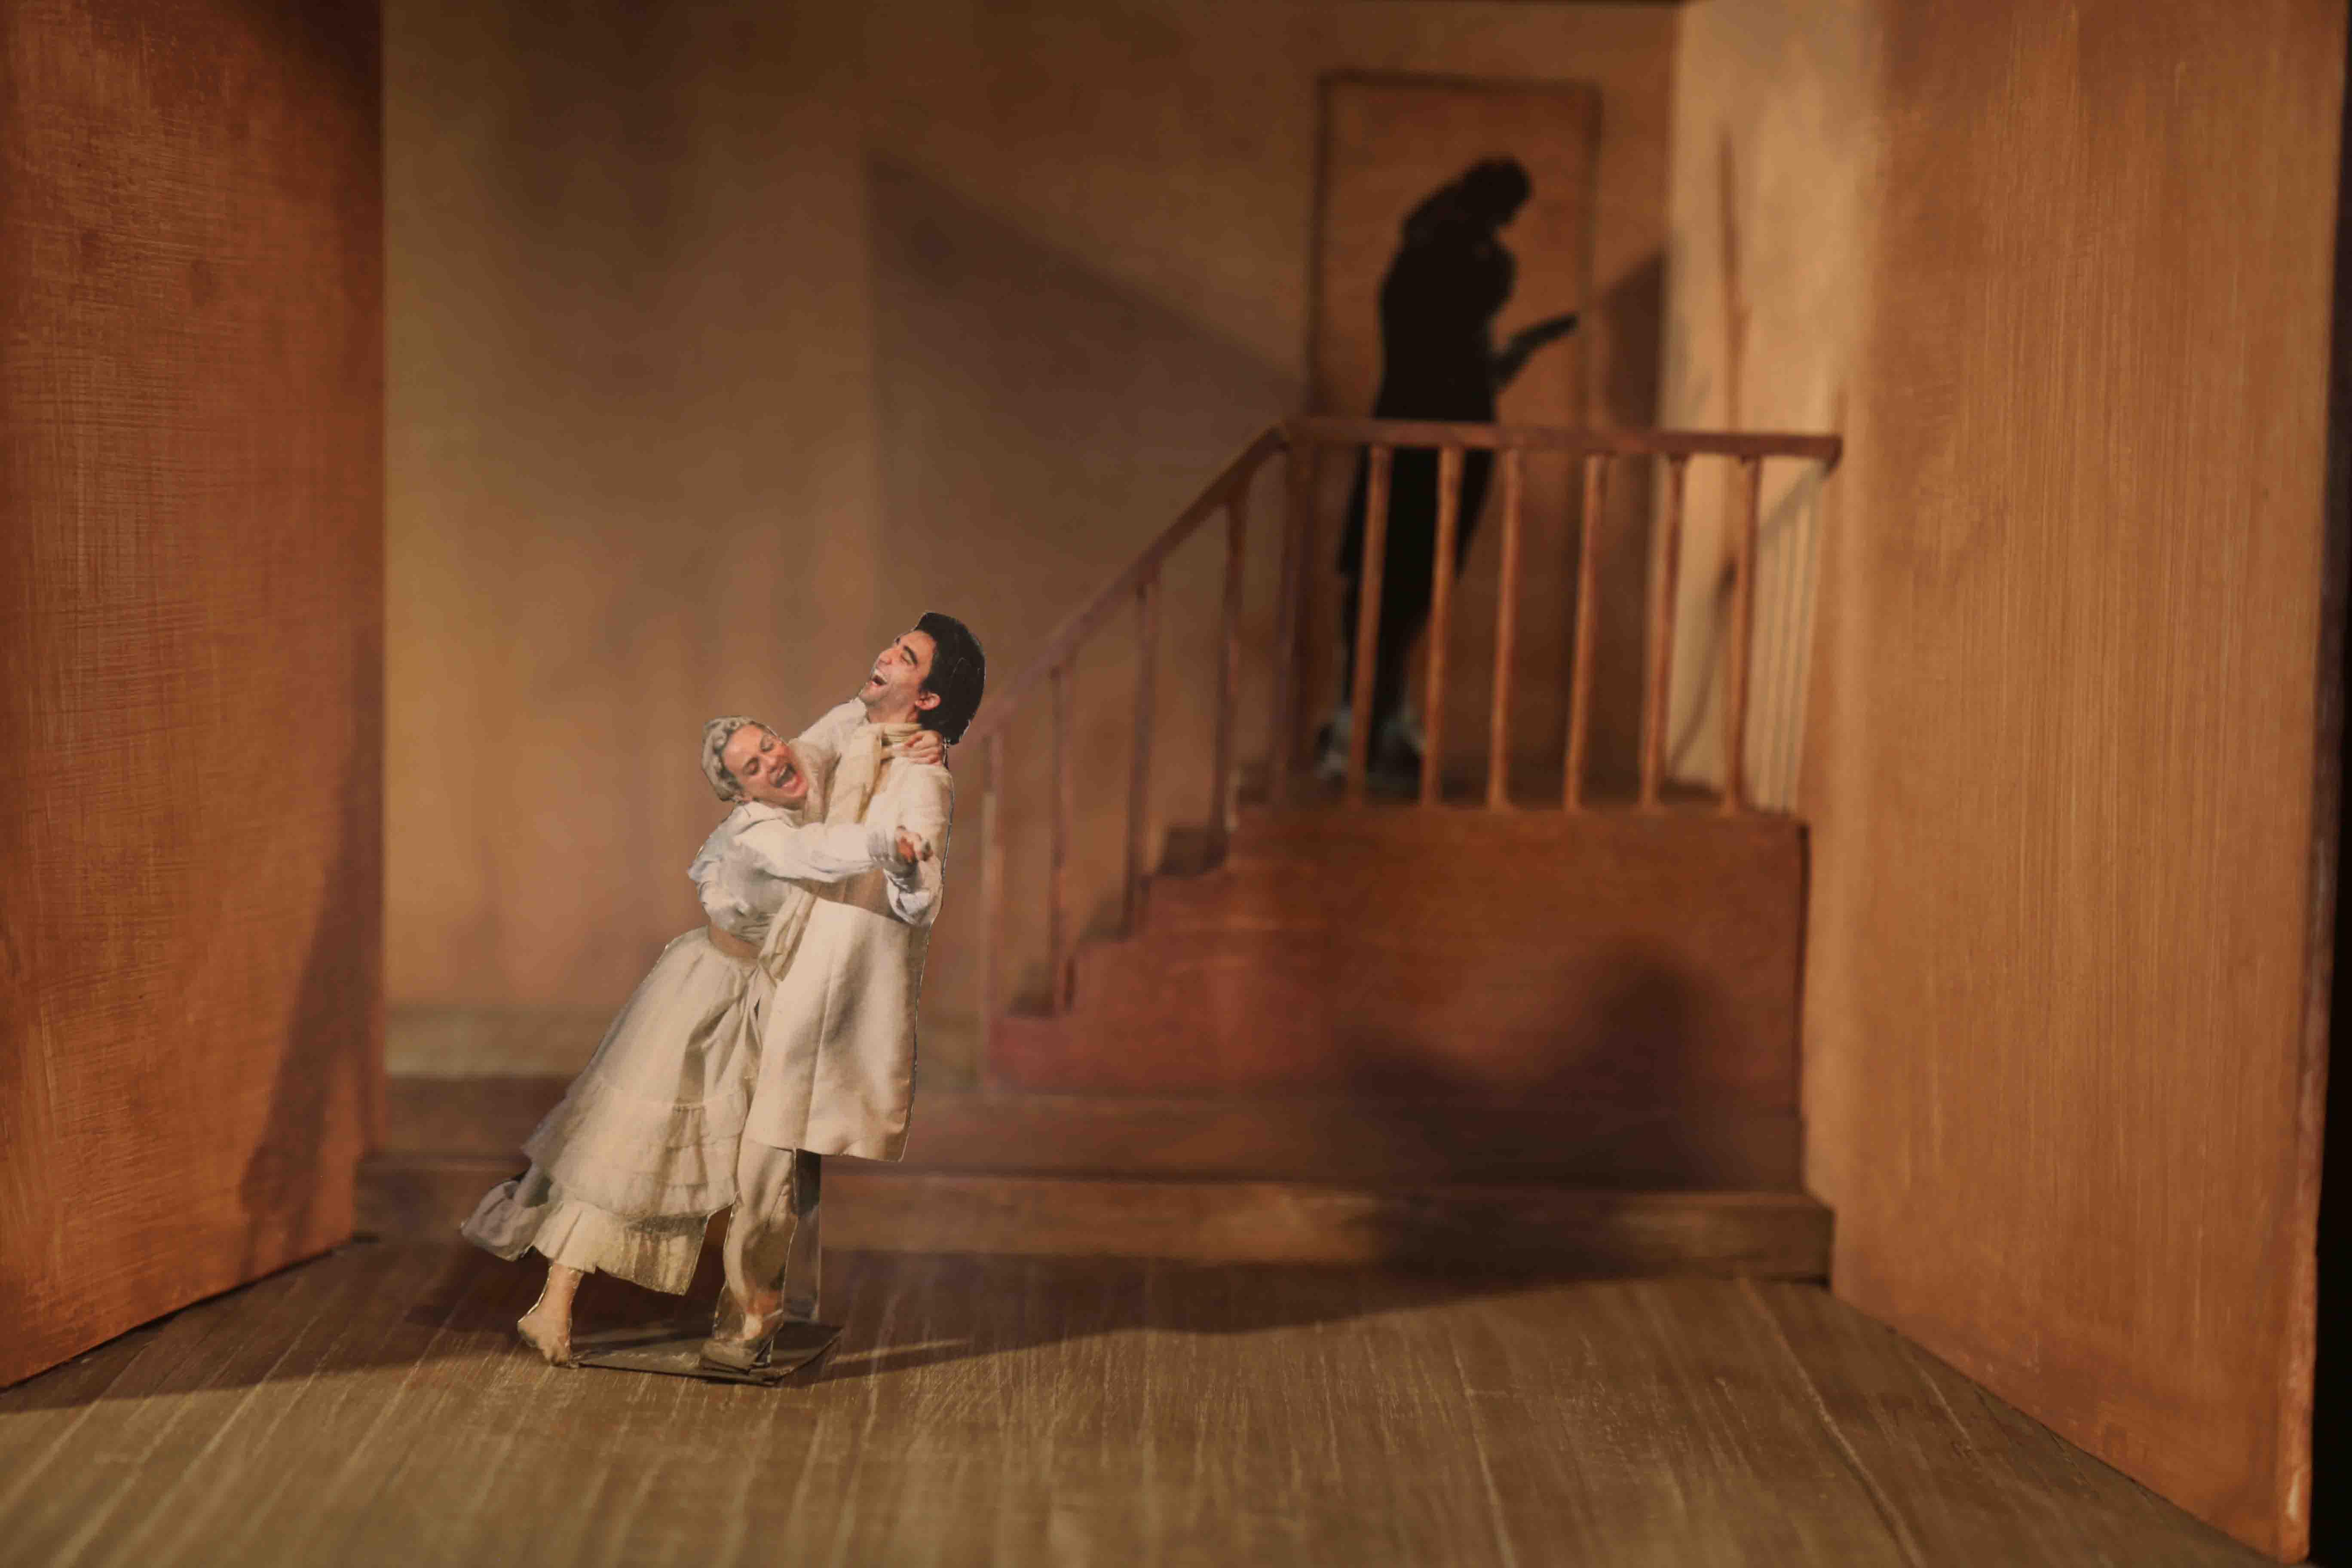 2018 La Locandiera - Modellino di scena 1